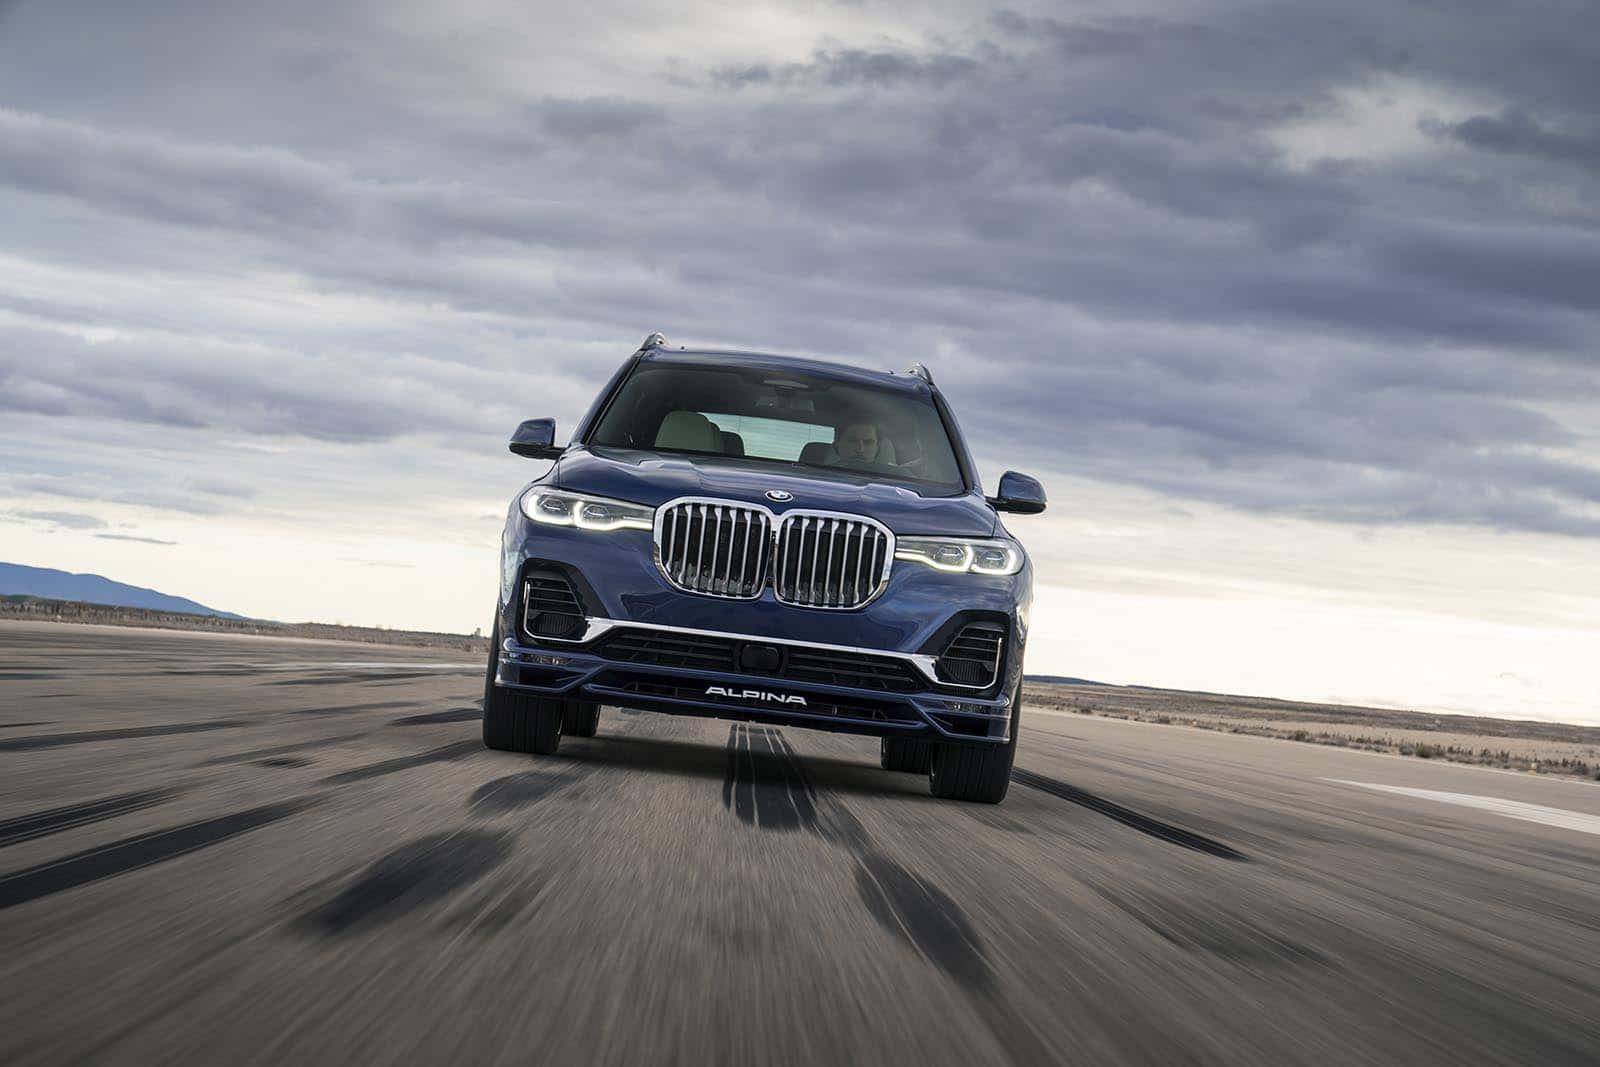 First Look: 2021 BMW Alpina XB7 | TheDetroitBureau.com